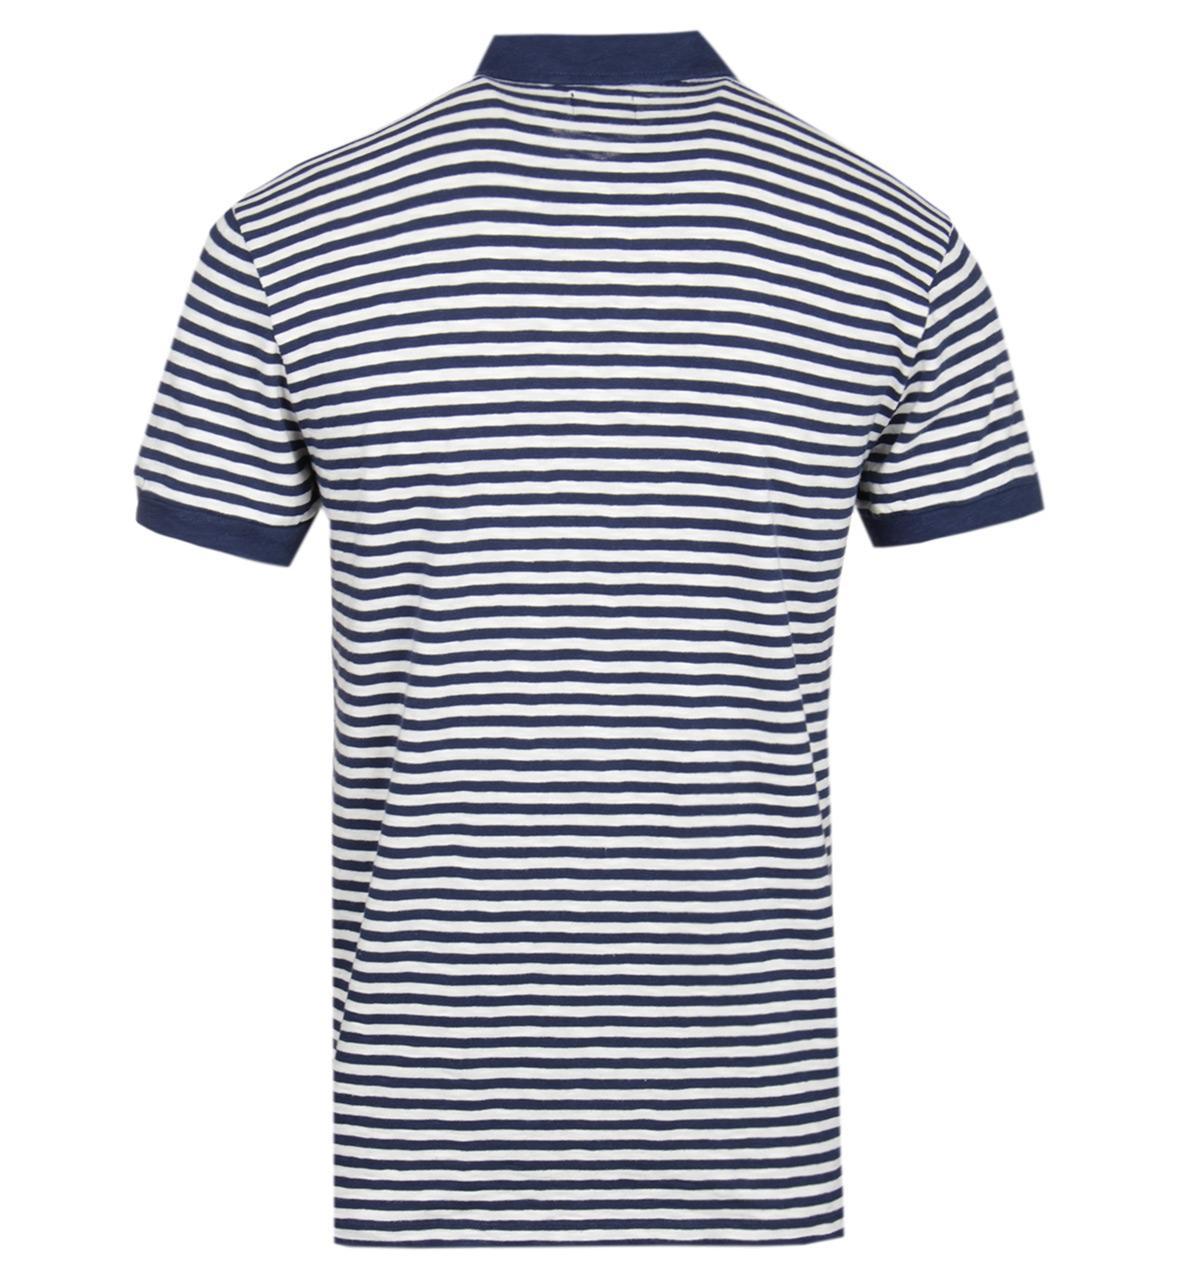 131a02d5 Edwin - Blue Flipper '50s Navy & Ecru Polo Shirt for Men - Lyst. View  fullscreen